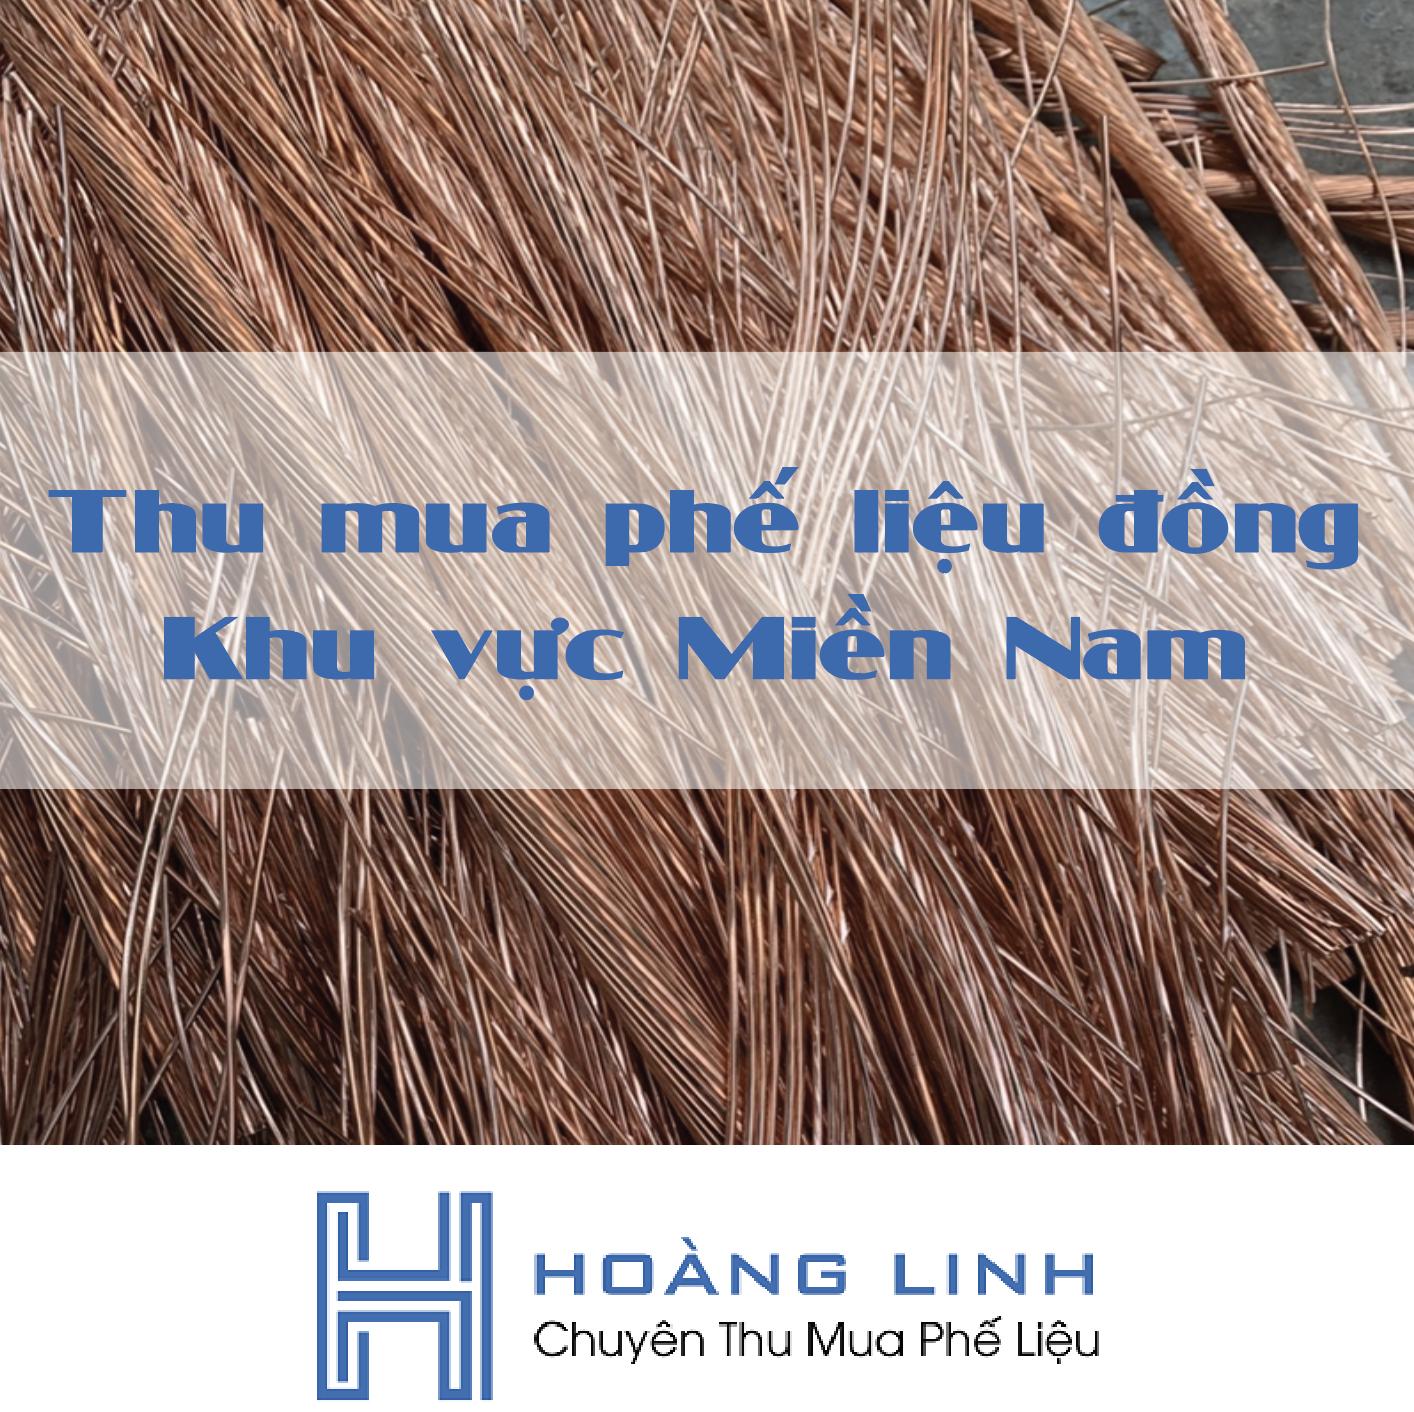 Thu mua phe lieu dong